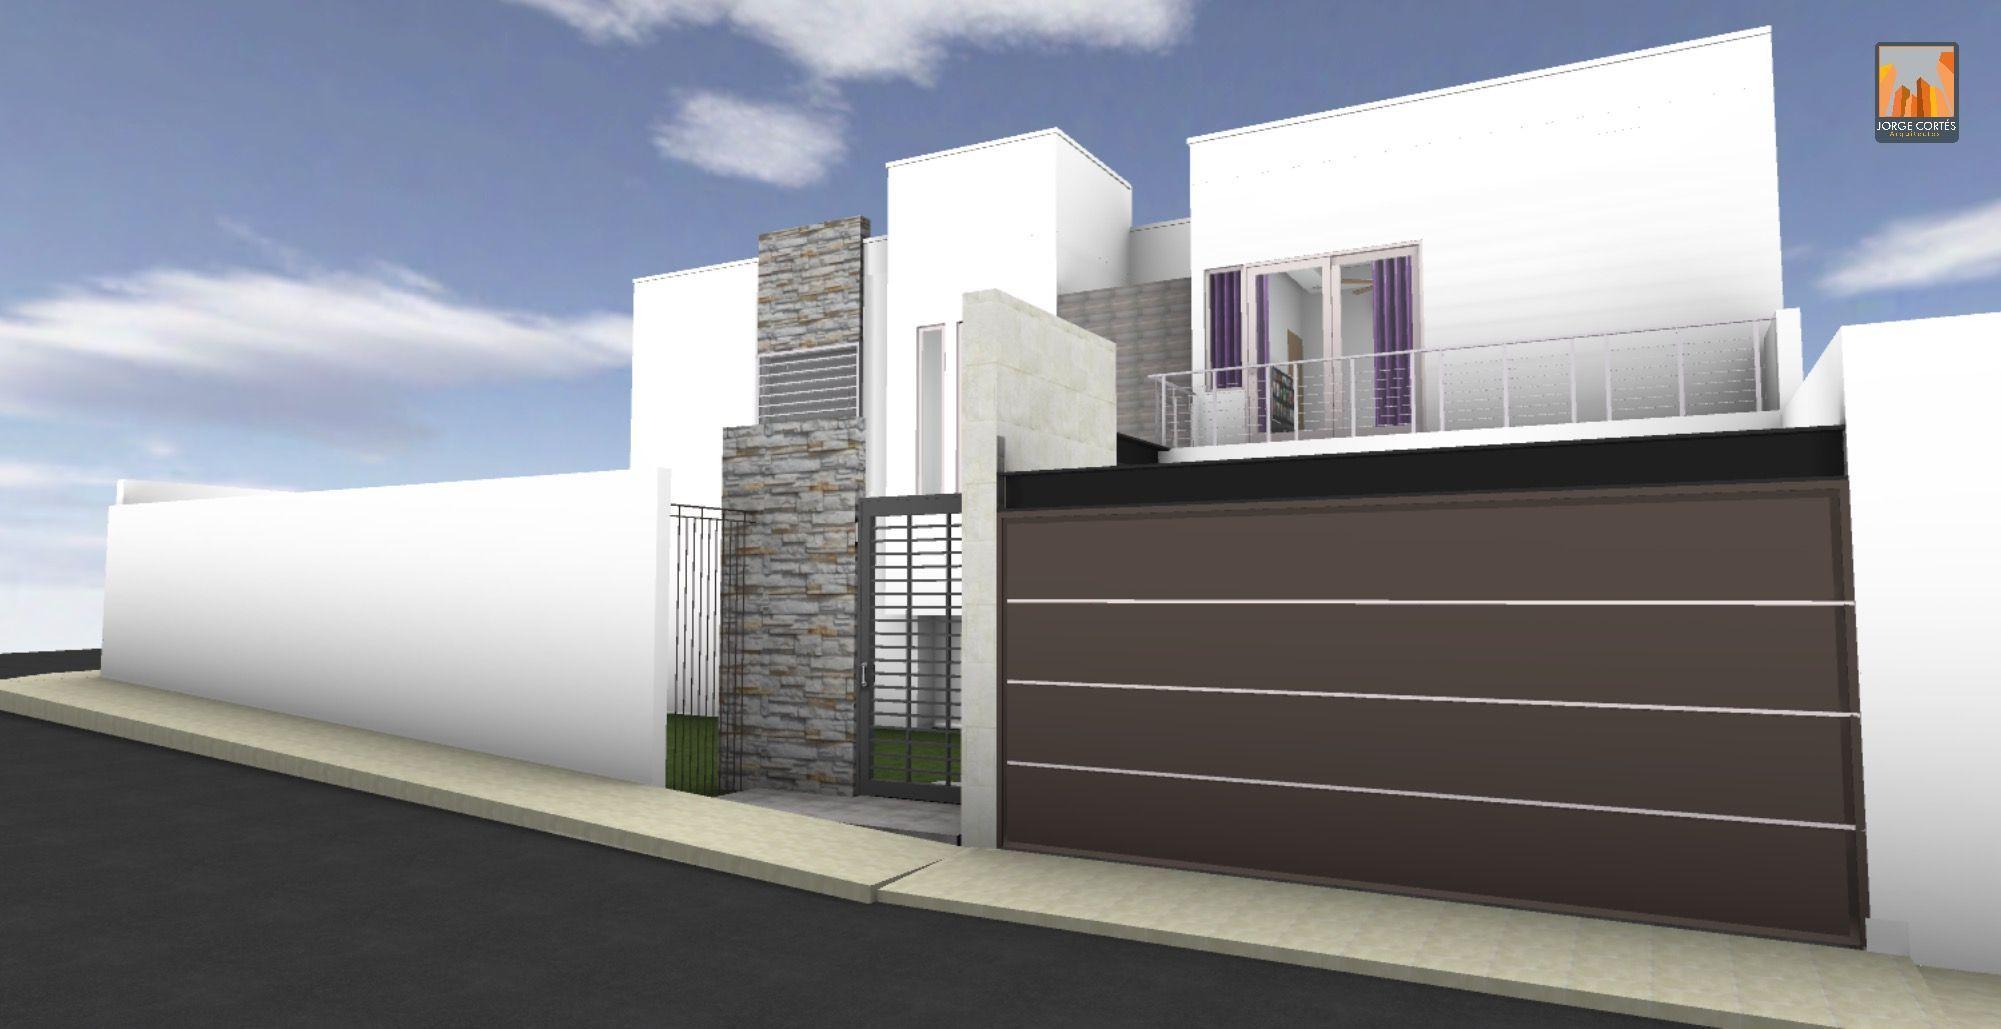 Casa arquitectura contemporánea piedra portón blanco